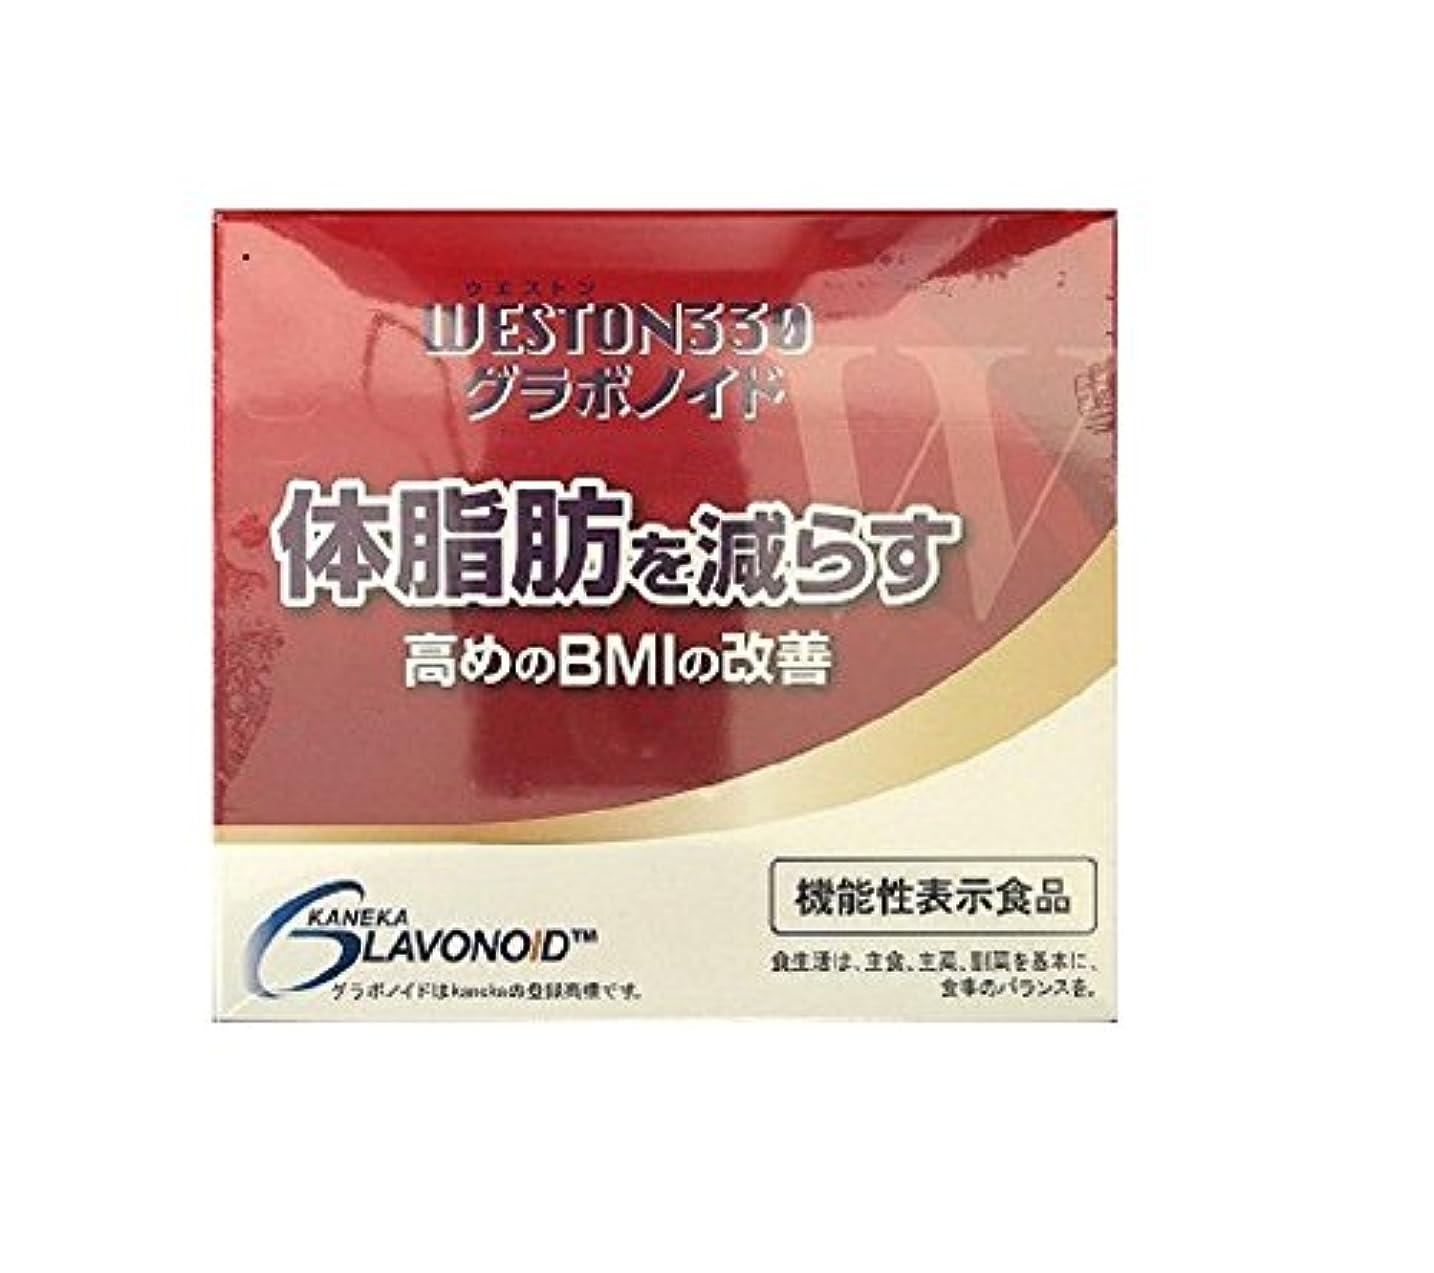 ピンポイント主版リマックスジャパン WESTON330 グラボノイド 60粒 (30日分) [機能性表示食品]